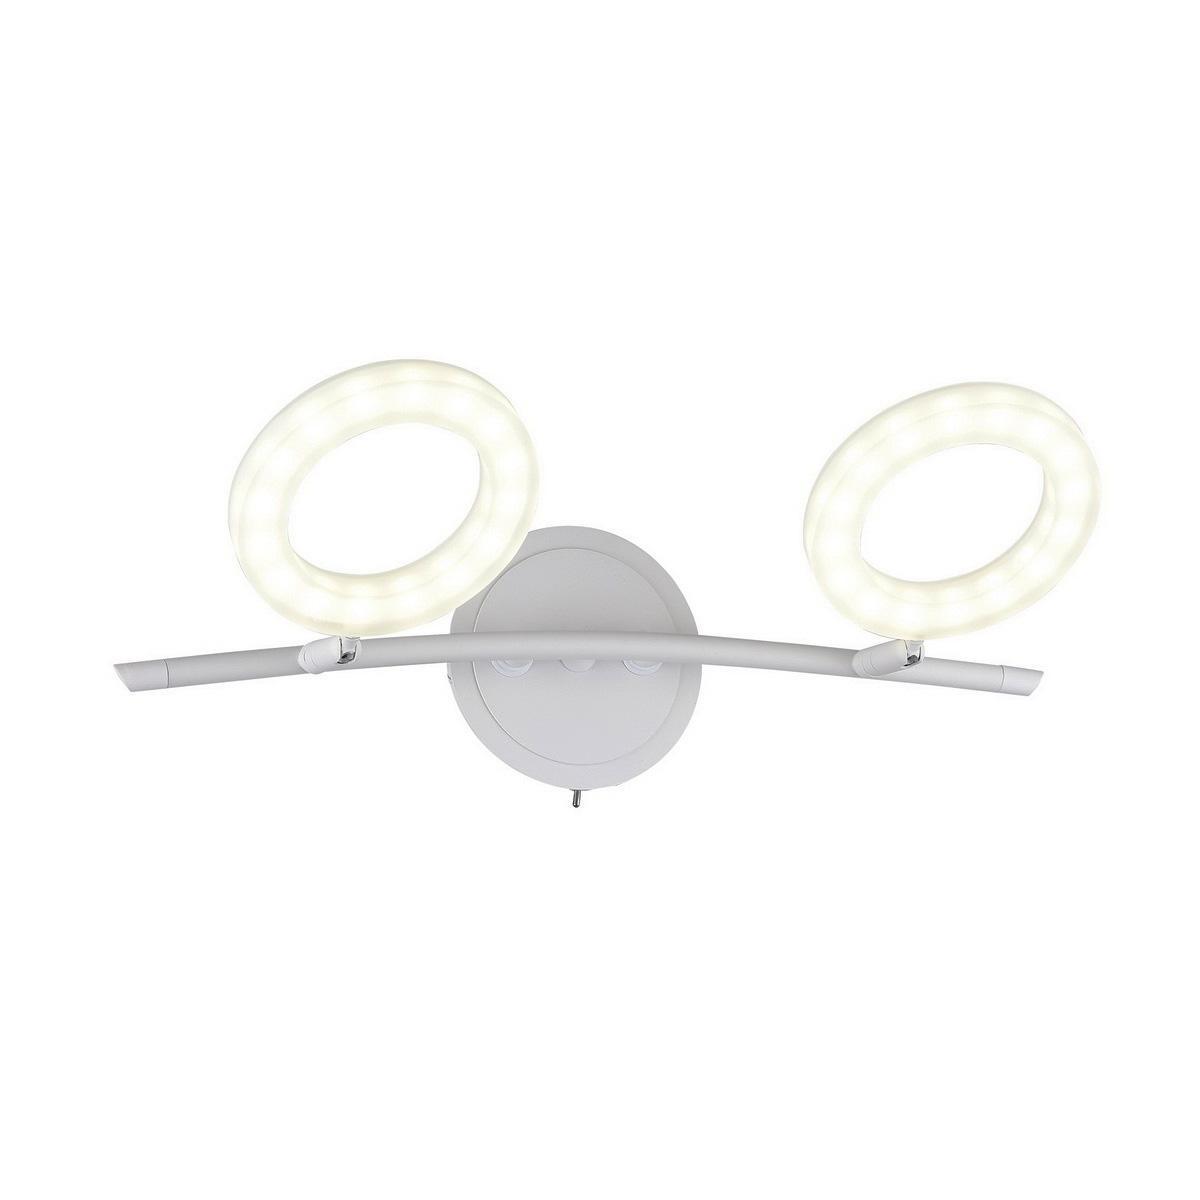 Светодиодный спот IDLamp Naet 105/2A-LEDWhitesand светодиодный спот idlamp naet 105 2a ledwhitesand